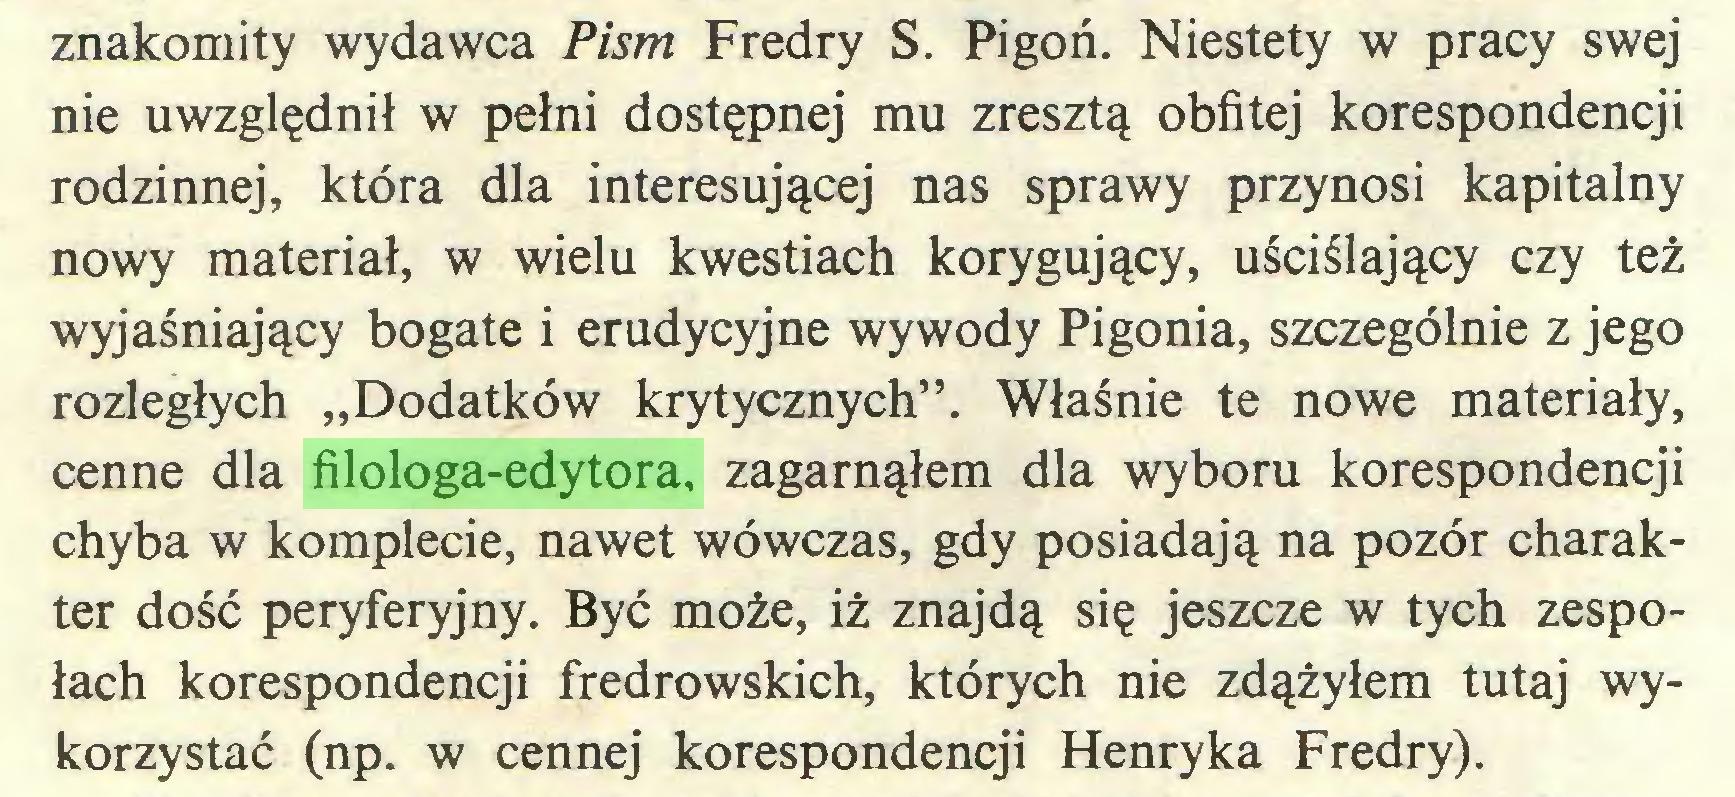 """(...) znakomity wydawca Pism Fredry S. Pigoń. Niestety w pracy swej nie uwzględnił w pełni dostępnej mu zresztą obfitej korespondencji rodzinnej, która dla interesującej nas sprawy przynosi kapitalny nowy materiał, w wielu kwestiach korygujący, uściślający czy też wyjaśniający bogate i erudycyjne wywody Pigonia, szczególnie z jego rozległych """"Dodatków krytycznych"""". Właśnie te nowe materiały, cenne dla filologa-edytora, zagarnąłem dla wyboru korespondencji chyba w komplecie, nawet wówczas, gdy posiadają na pozór charakter dość peryferyjny. Być może, iż znajdą się jeszcze w tych zespołach korespondencji fredrowskich, których nie zdążyłem tutaj wykorzystać (np. w cennej korespondencji Henryka Fredry)..."""